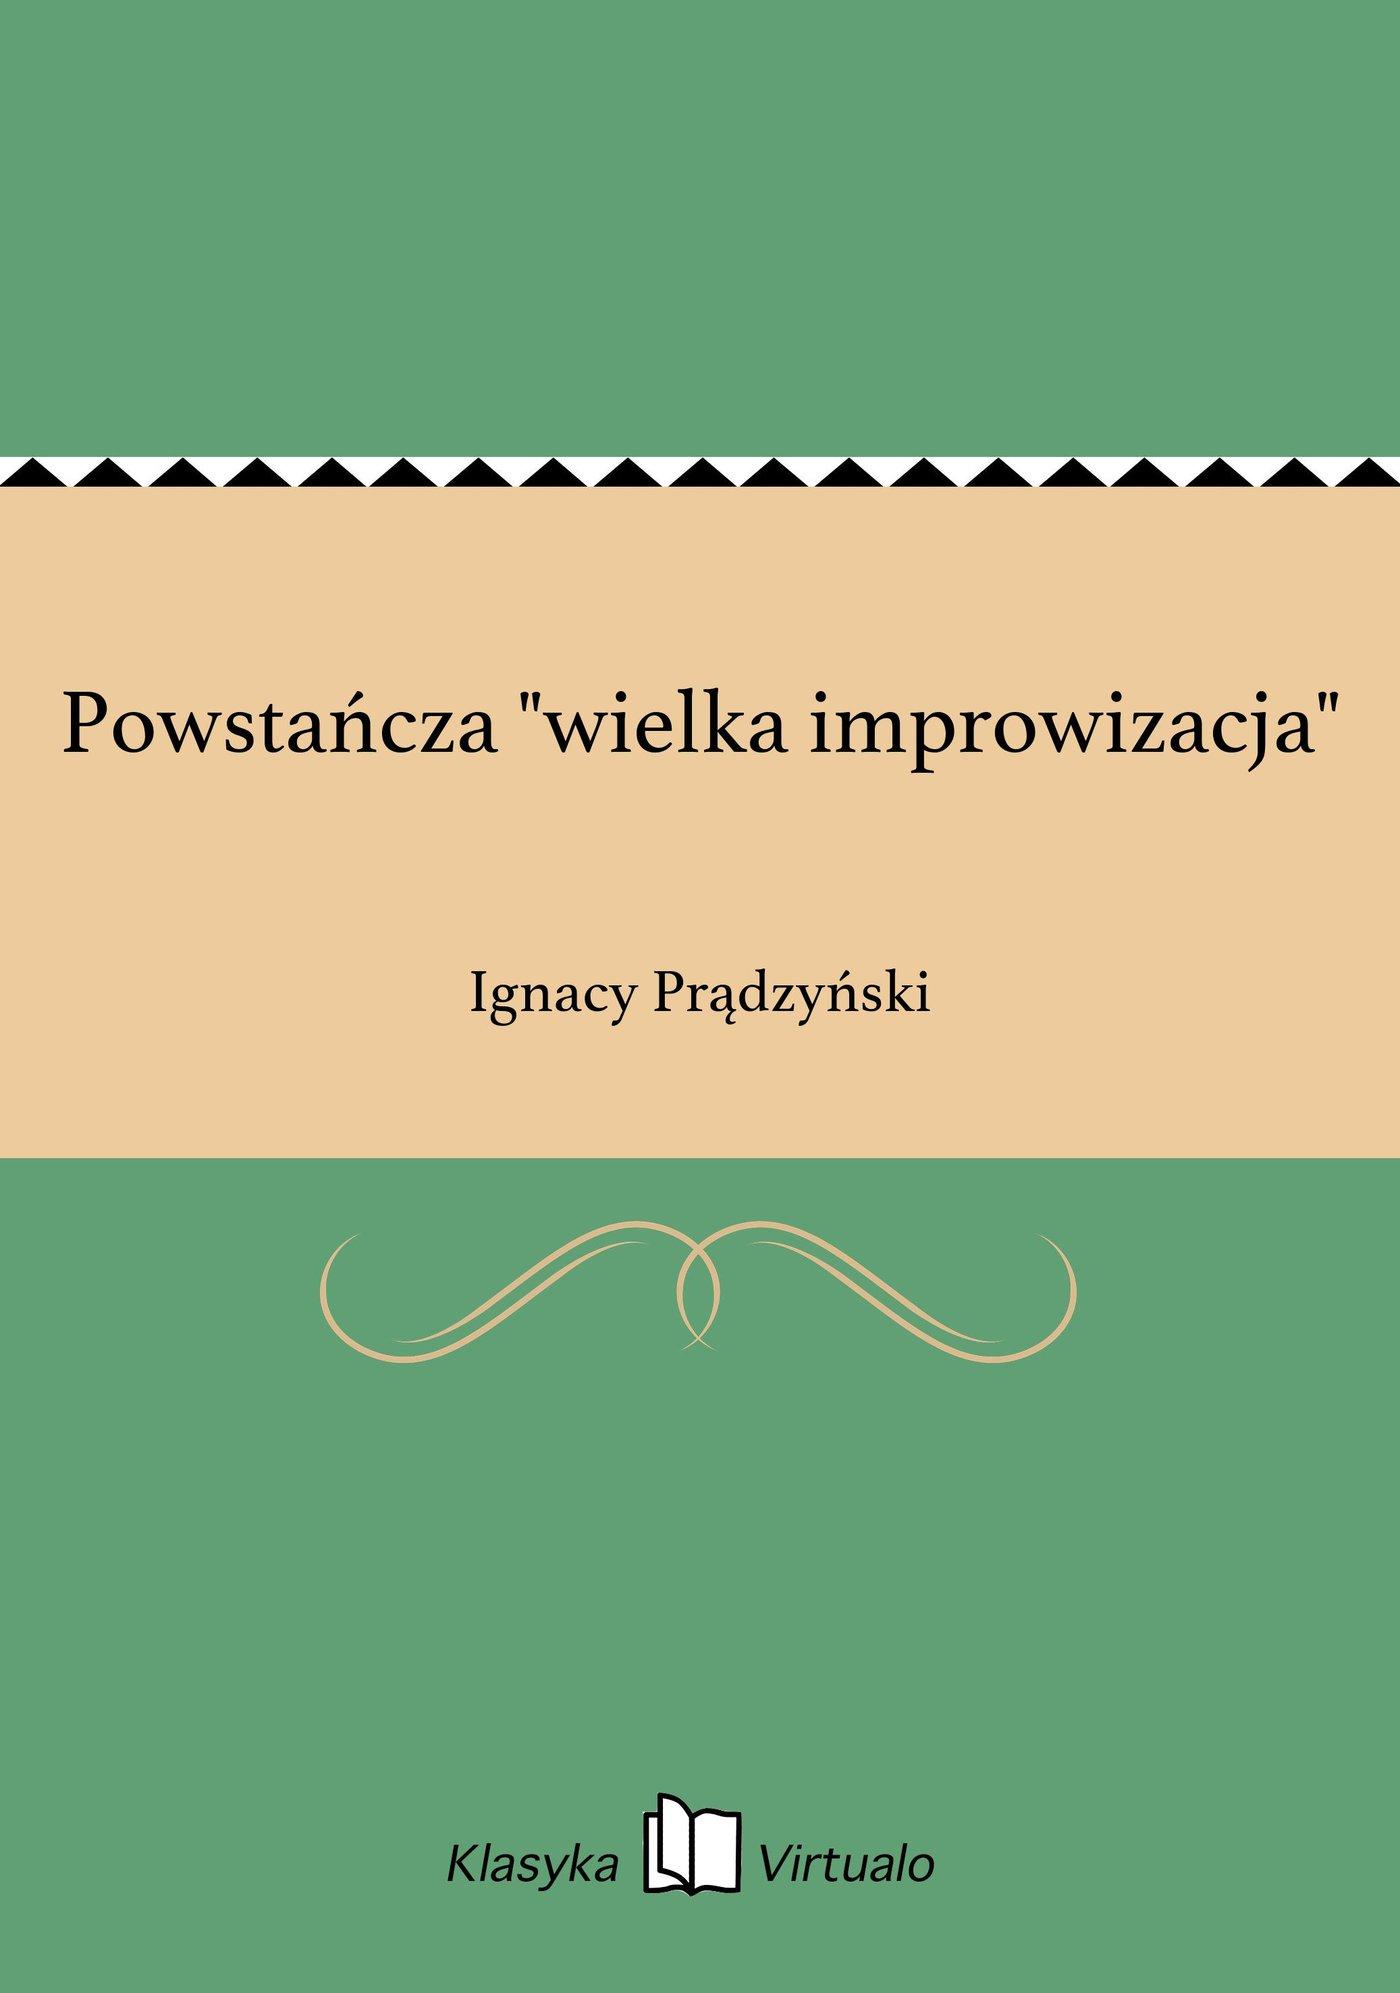 """Powstańcza """"wielka improwizacja"""" - Ebook (Książka na Kindle) do pobrania w formacie MOBI"""